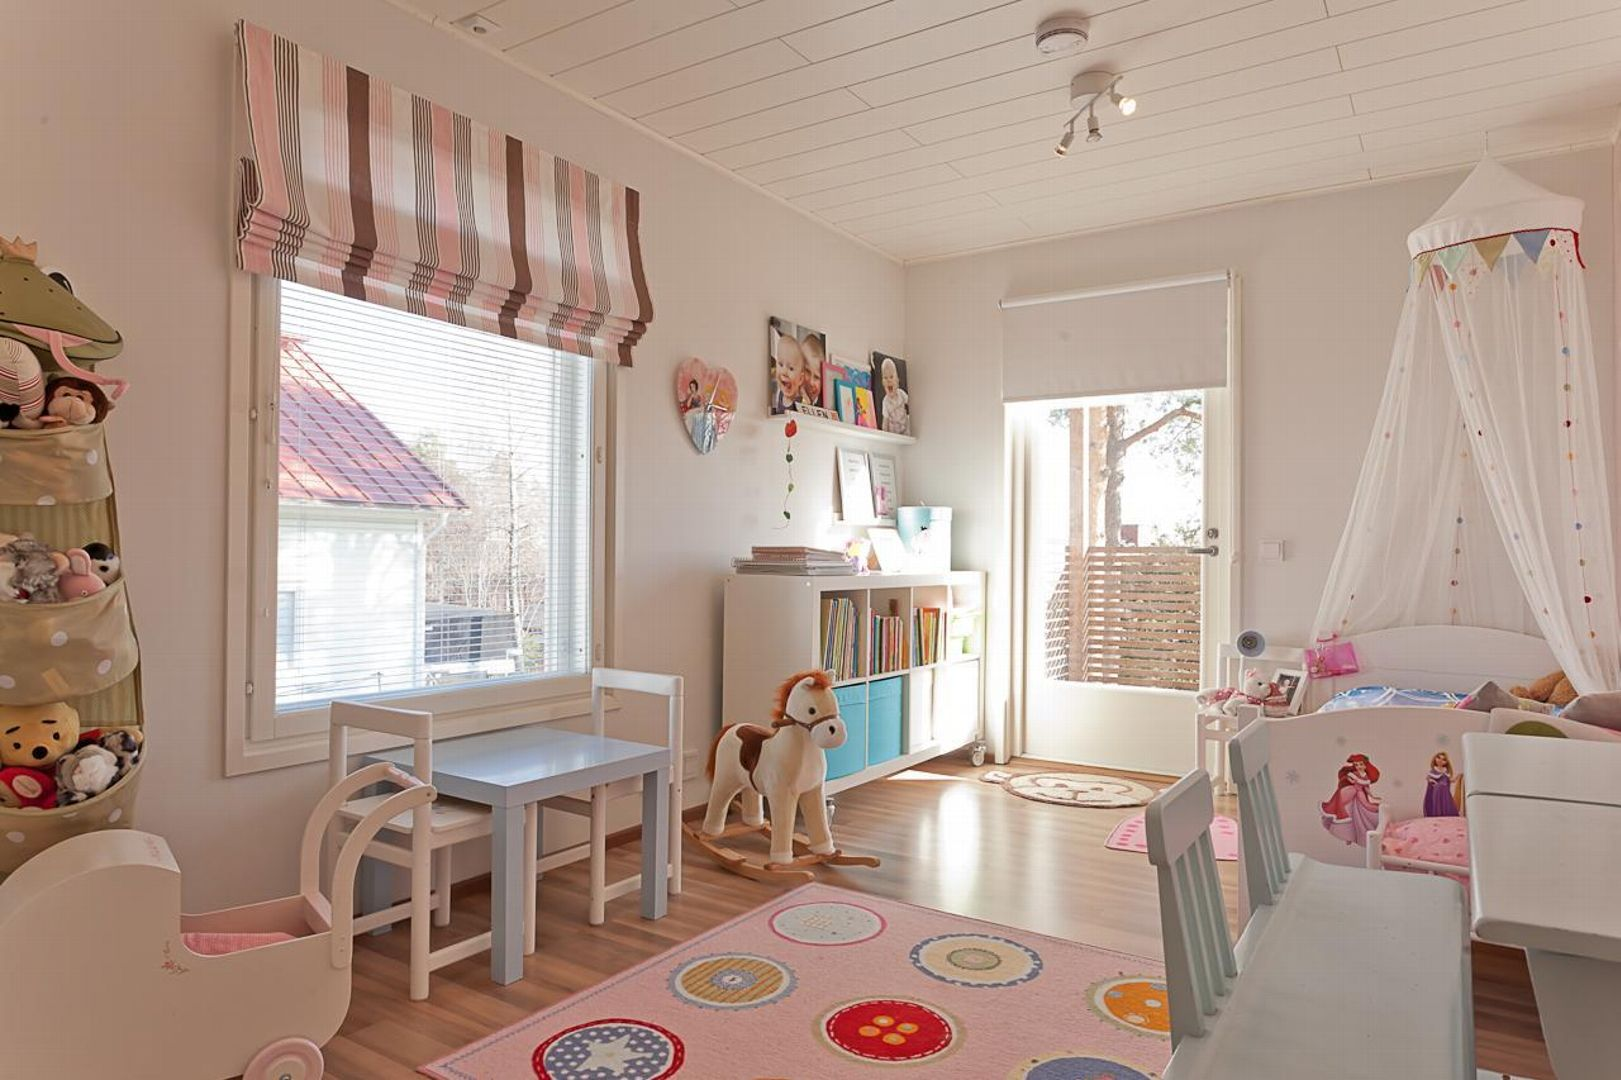 Lovely kidsroom